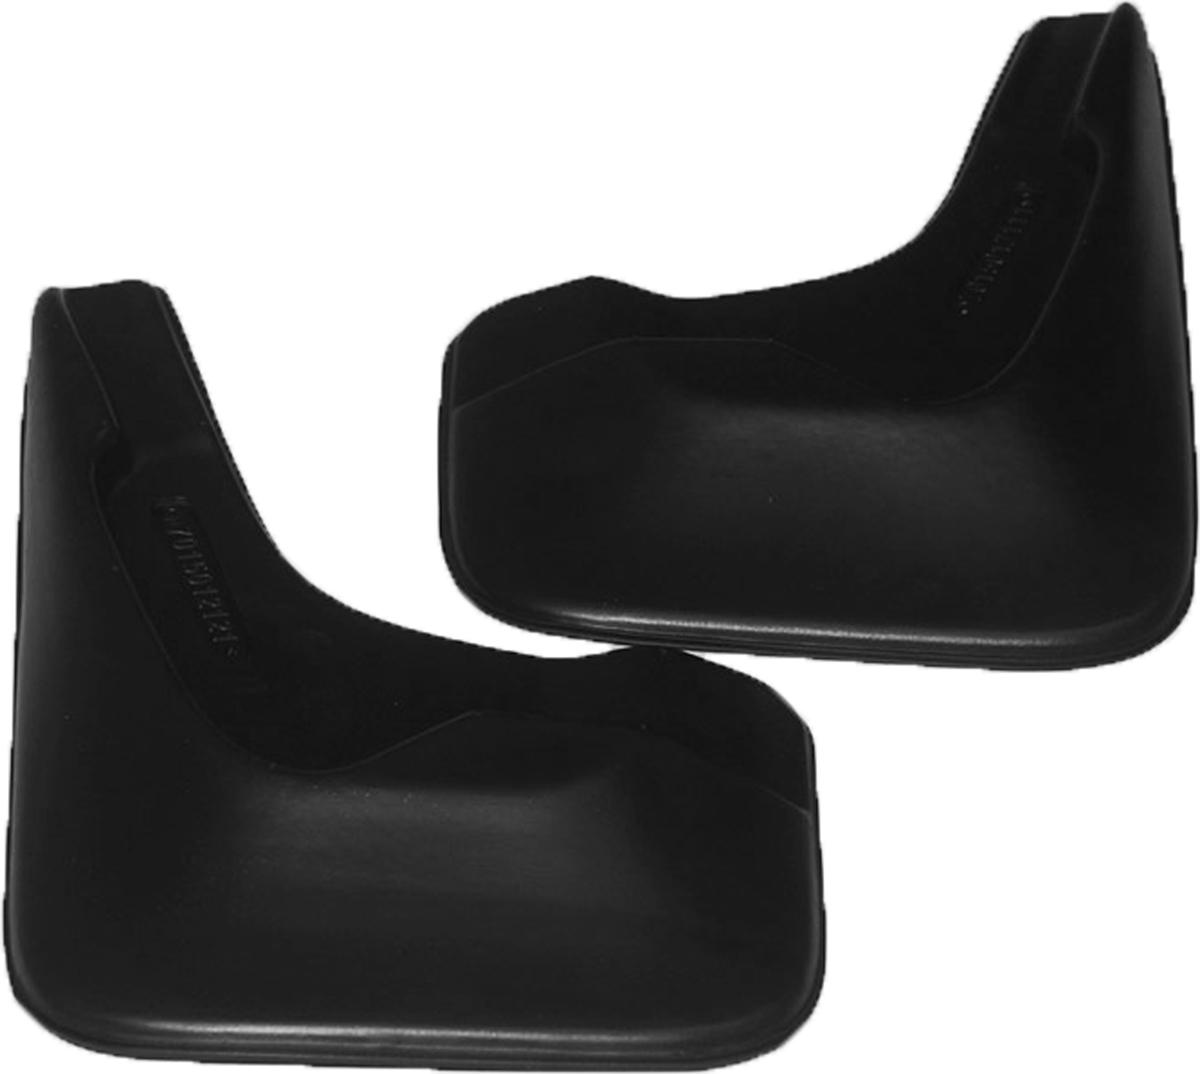 Комплект брызговиков передних L.Locker, для Fiat Albea, 2 шт7015012151Брызговики L.Locker изготовлены из высококачественного полимера. Уникальный состав брызговиков допускает их эксплуатацию в широком диапазоне температур: от -50°С до +80°С. Эффективно защищают кузов автомобиля от грязи и воды - формируют аэродинамический поток воздуха, создаваемый при движении вокруг кузова таким образом, чтобы максимально уменьшить образование грязевой измороси, оседающей на автомобиле. Разработаны индивидуально для каждой модели автомобиля, с эстетической точки зрения брызговики являются завершением колесной арки.